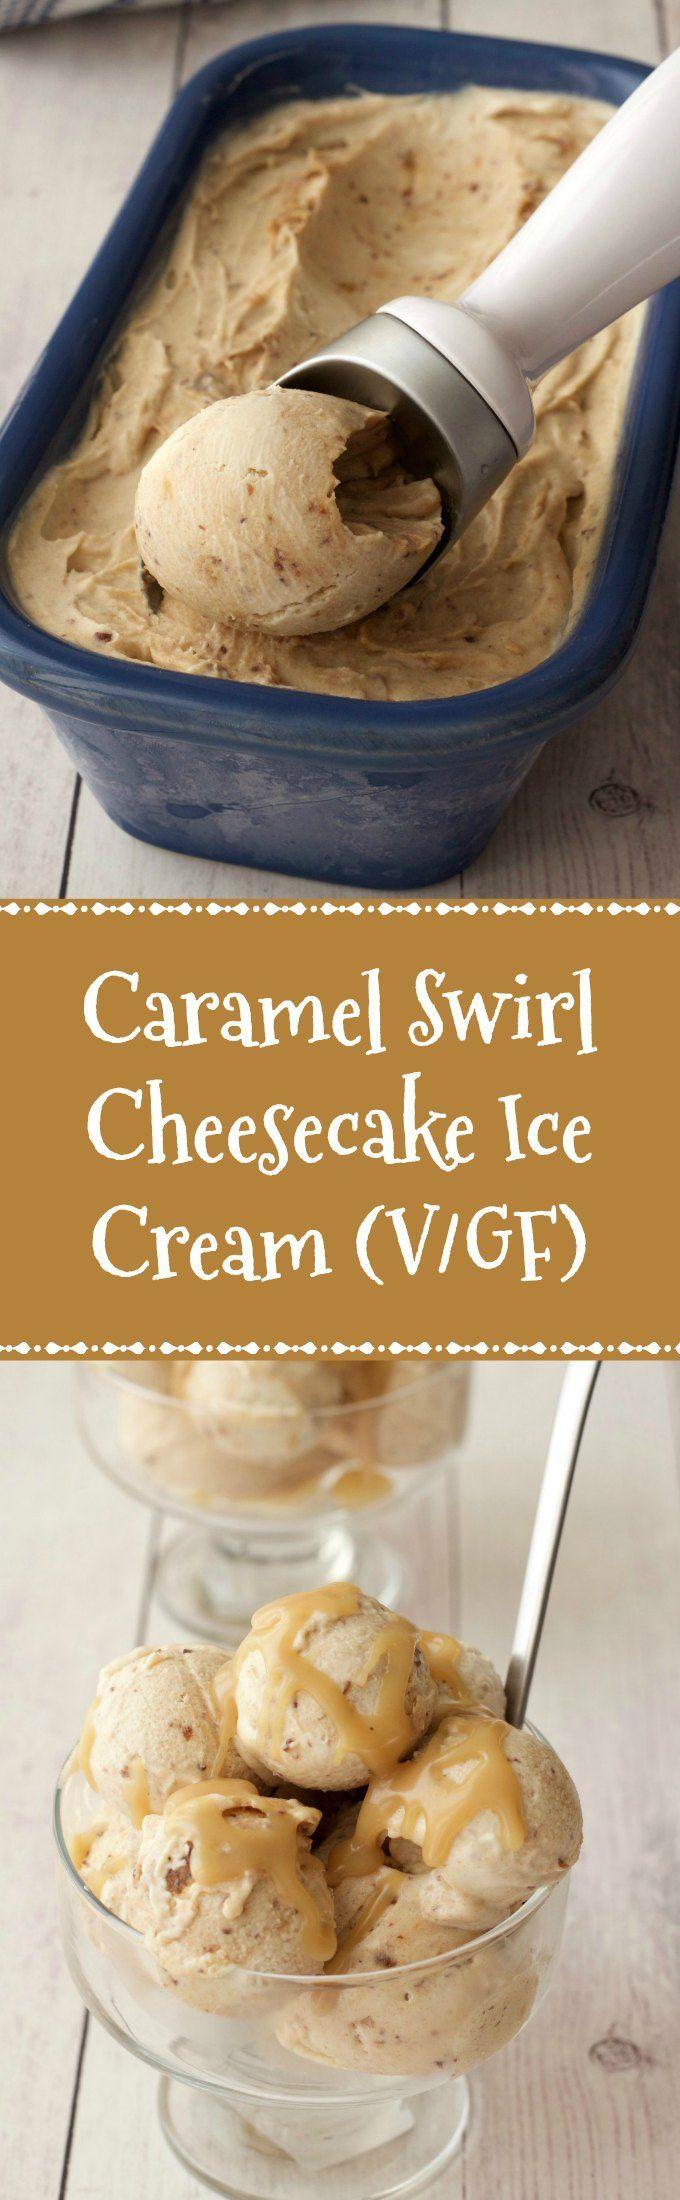 Vegan Caramel Swirl Cheesecake Ice Cream.